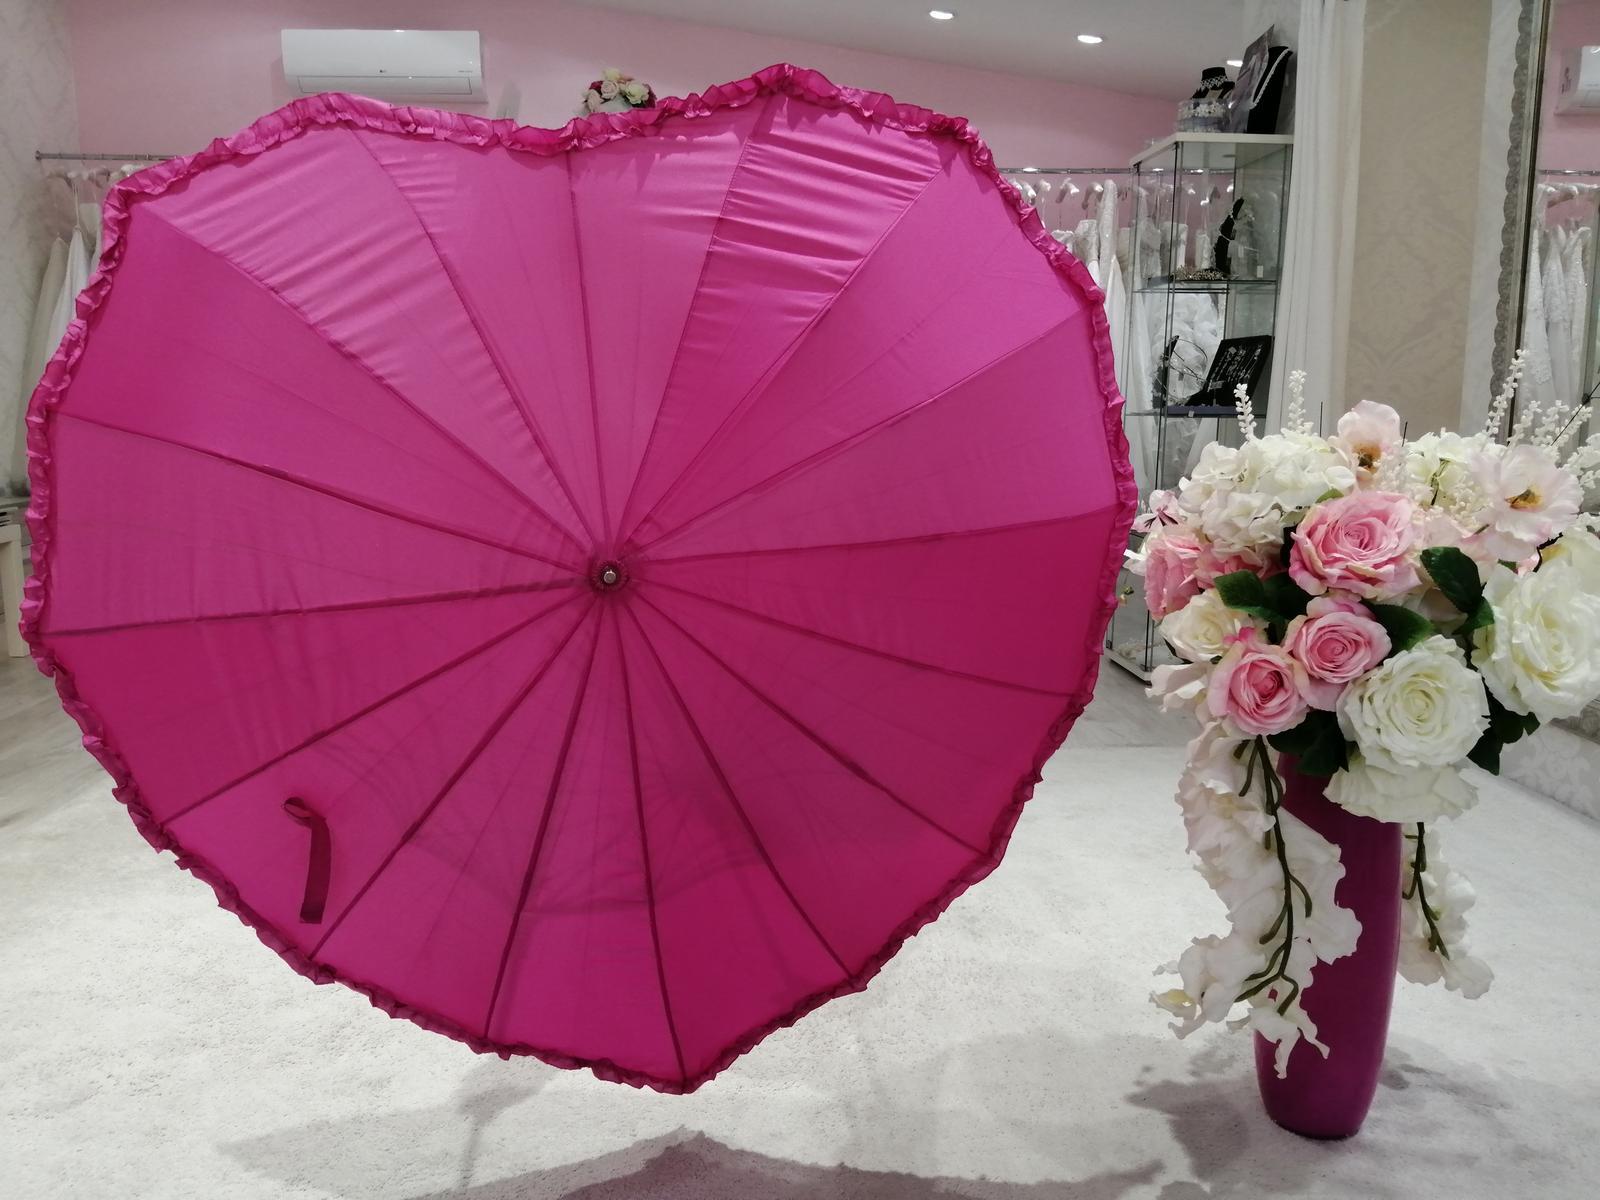 Dáždnik v tvare srdca - Obrázok č. 1